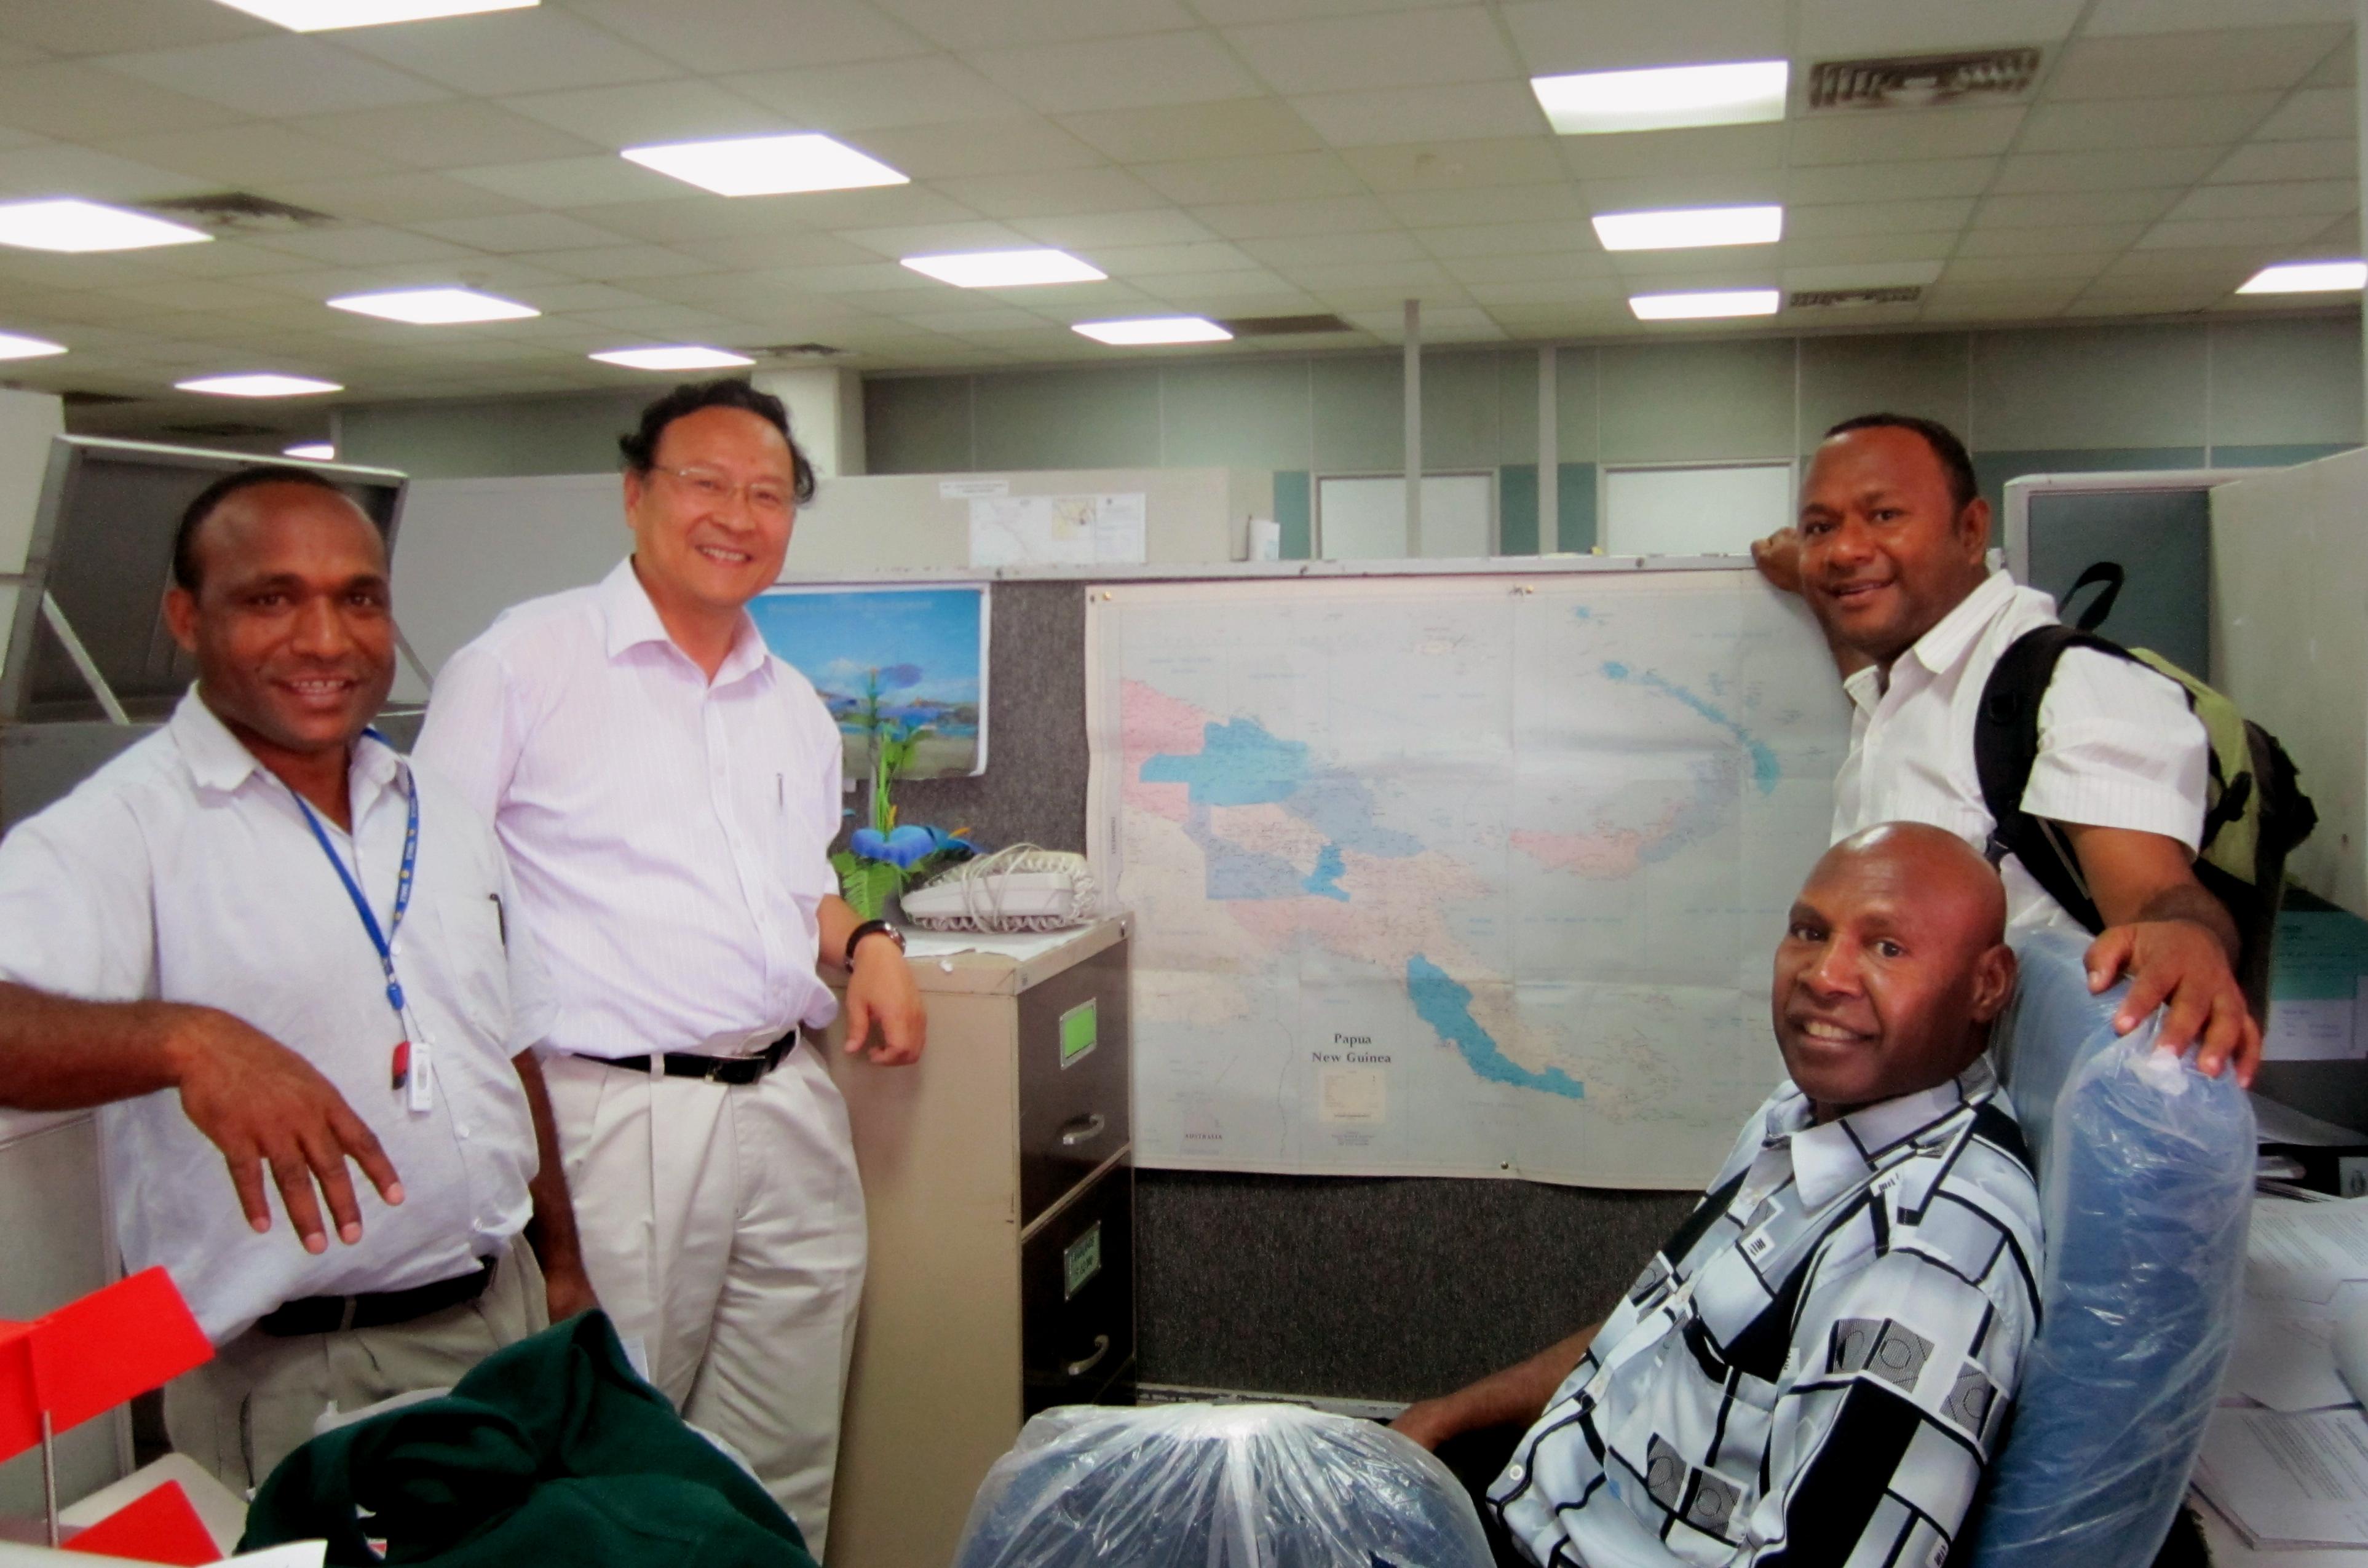 林珲教授(左二)向巴布亚新矶内亚负责国土规划的官员了解国情,并分享卫星遥感的重要性。